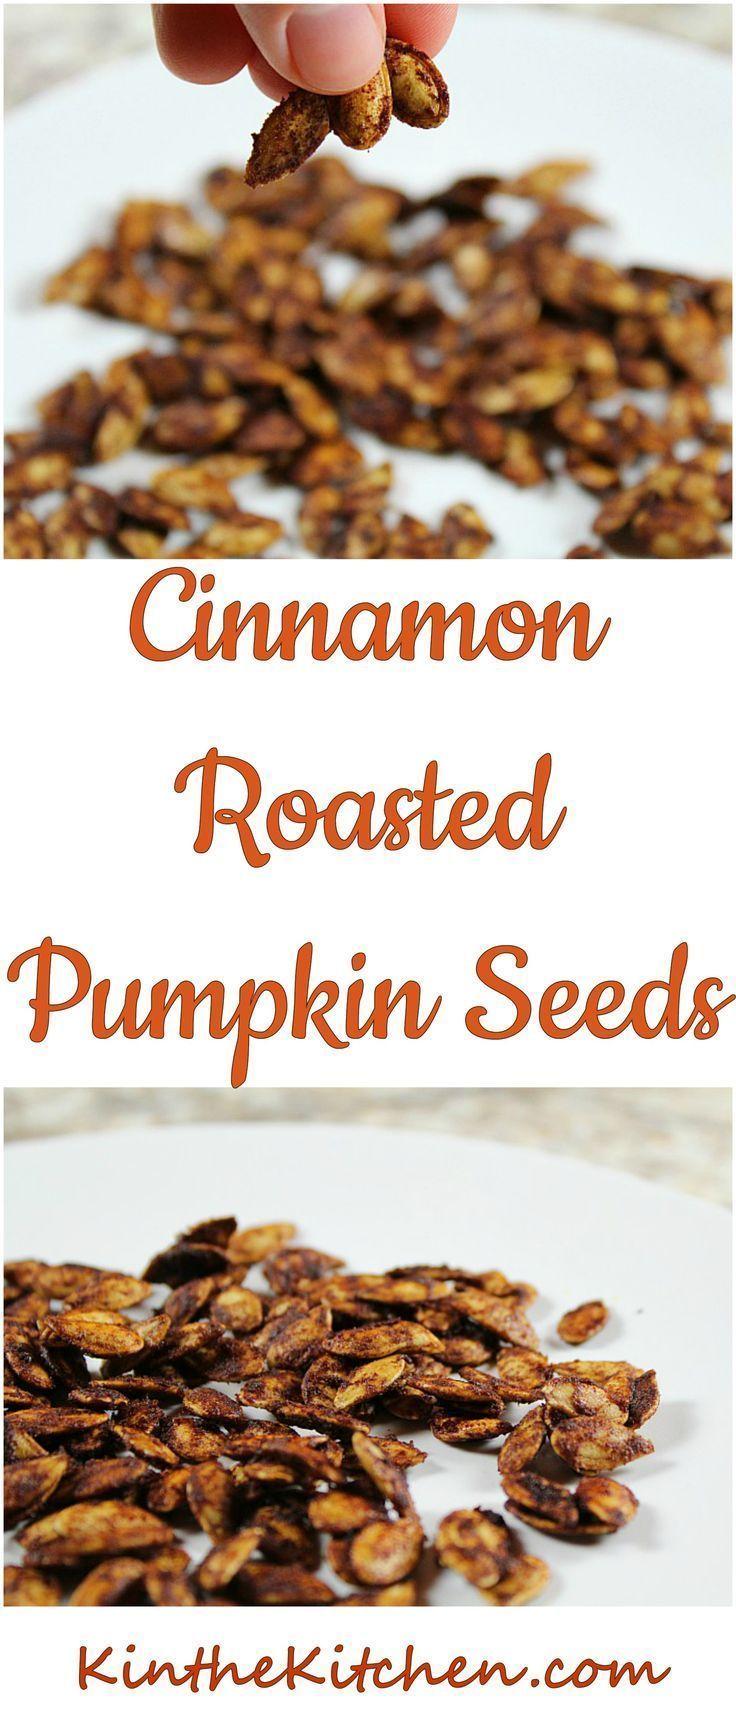 Cinnamon Roasted Pumpkin Seeds ,  #boilingpumpkinseeds #Cinnamon #pumpkin #roasted #seeds #roastedpumpkinseeds Cinnamon Roasted Pumpkin Seeds ,  #boilingpumpkinseeds #Cinnamon #pumpkin #roasted #seeds #roastingpumpkinseeds Cinnamon Roasted Pumpkin Seeds ,  #boilingpumpkinseeds #Cinnamon #pumpkin #roasted #seeds #roastedpumpkinseeds Cinnamon Roasted Pumpkin Seeds ,  #boilingpumpkinseeds #Cinnamon #pumpkin #roasted #seeds #roastedpumpkinseeds Cinnamon Roasted Pumpkin Seeds ,  #boilingpumpkinseeds #roastedpumpkinseeds